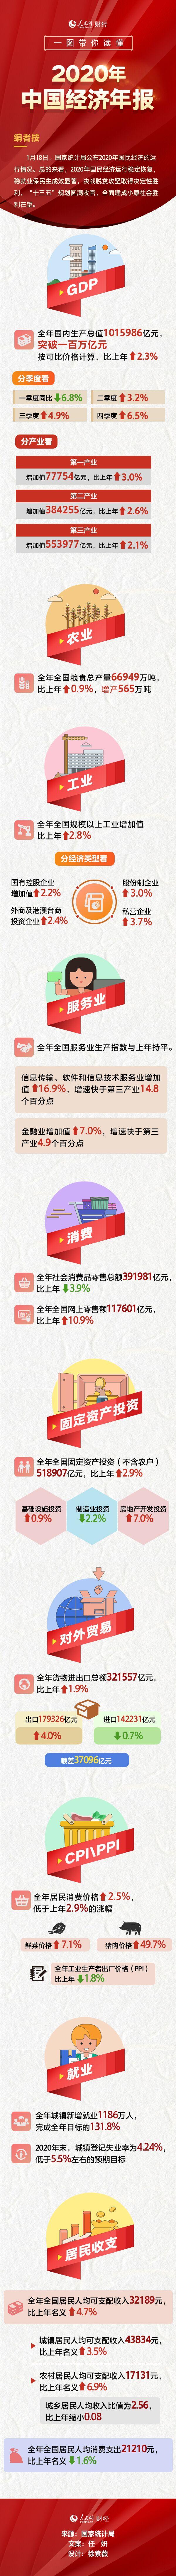 一图带你读懂2020年中国经济年报